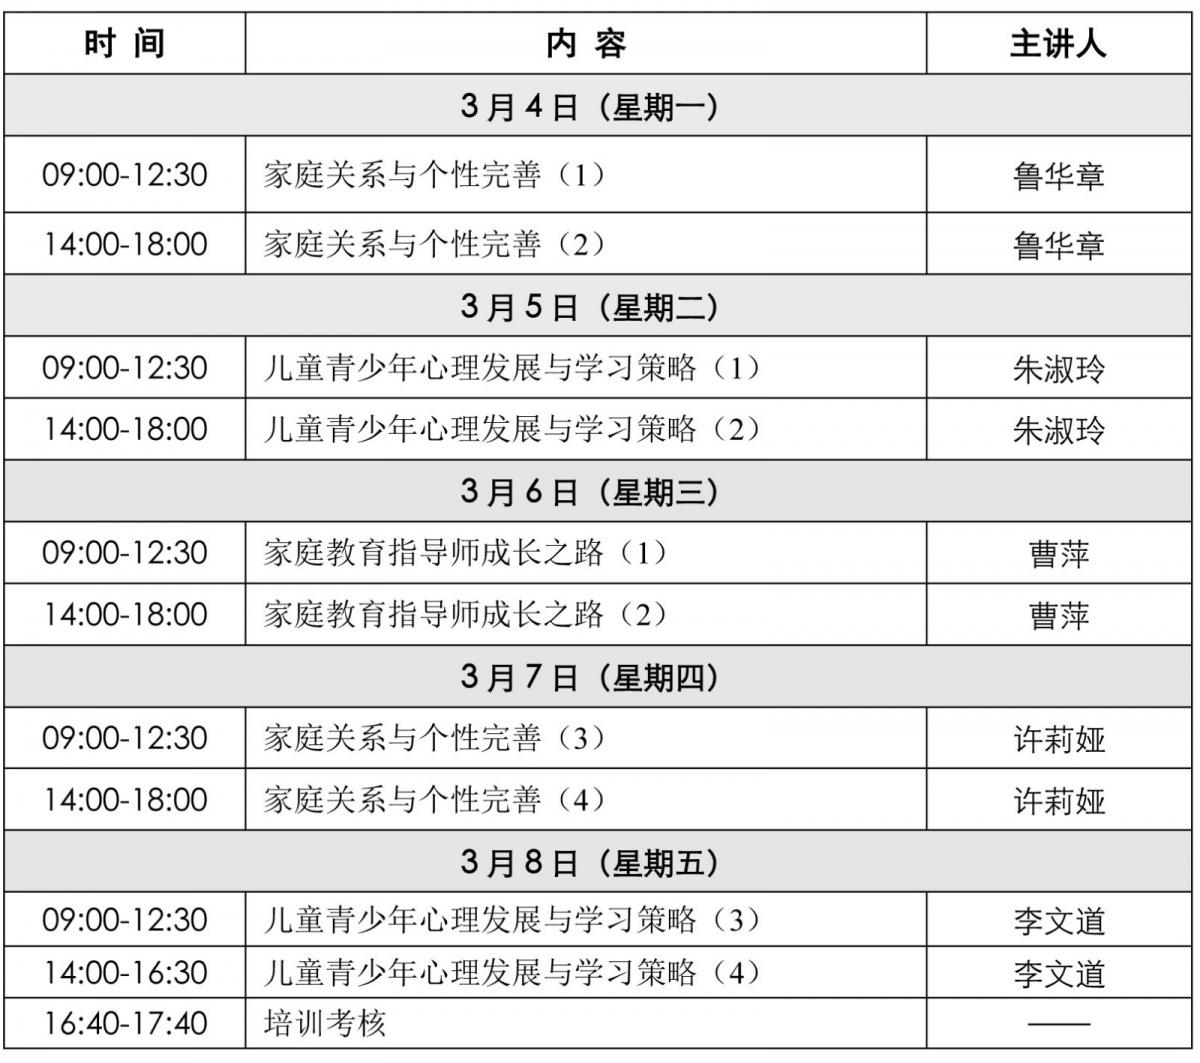 天津-新东方第53期家庭教育指导师培训议程-2.jpg